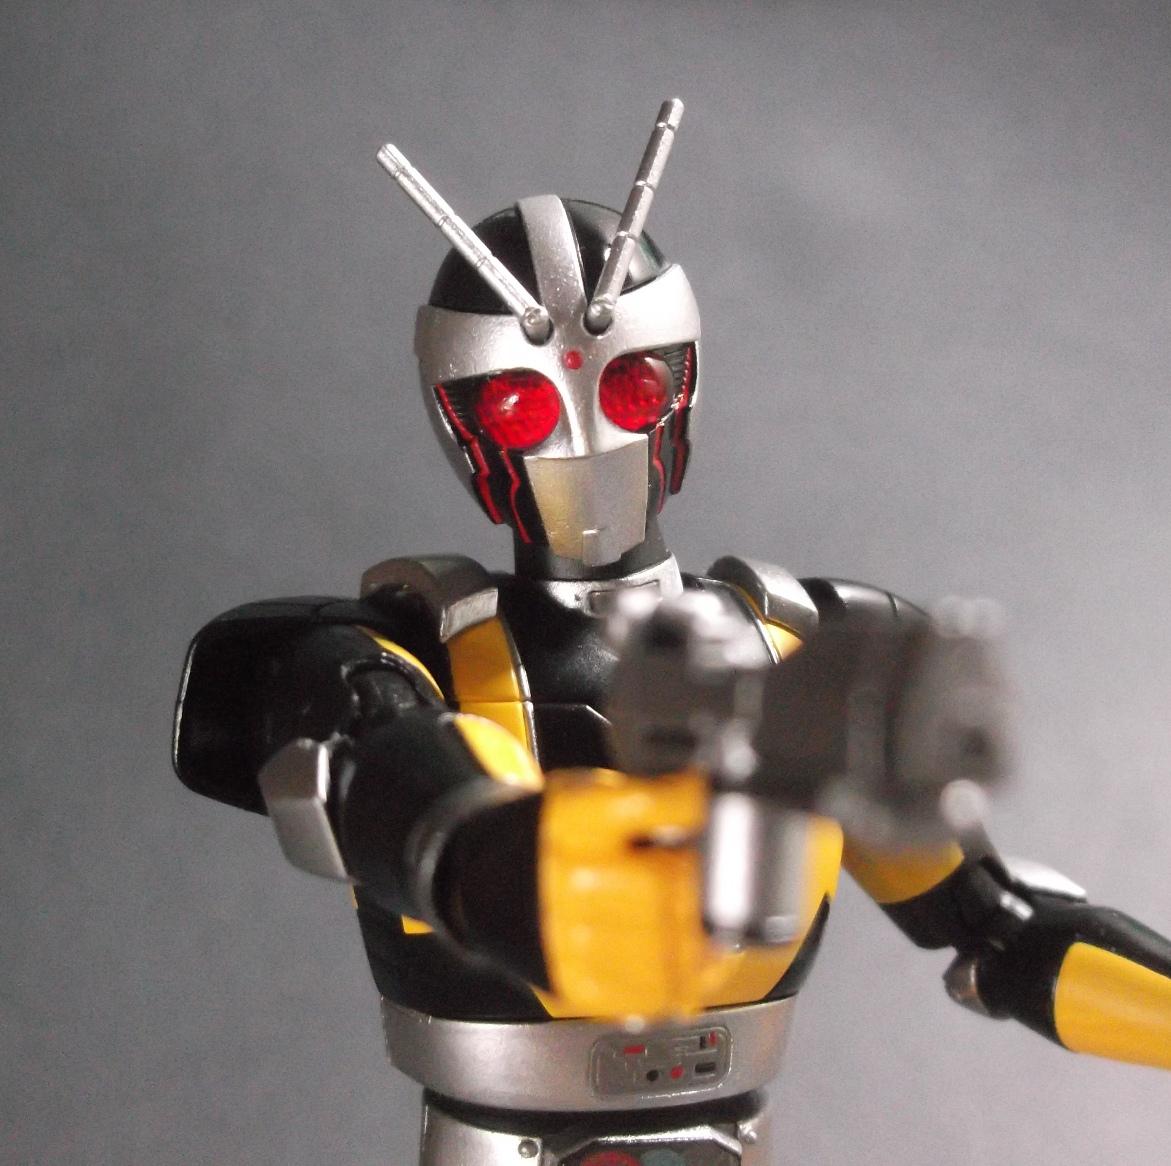 假面騎士部落格: S.H.F 假面騎士 Black RX ----機械騎士 RoboRider